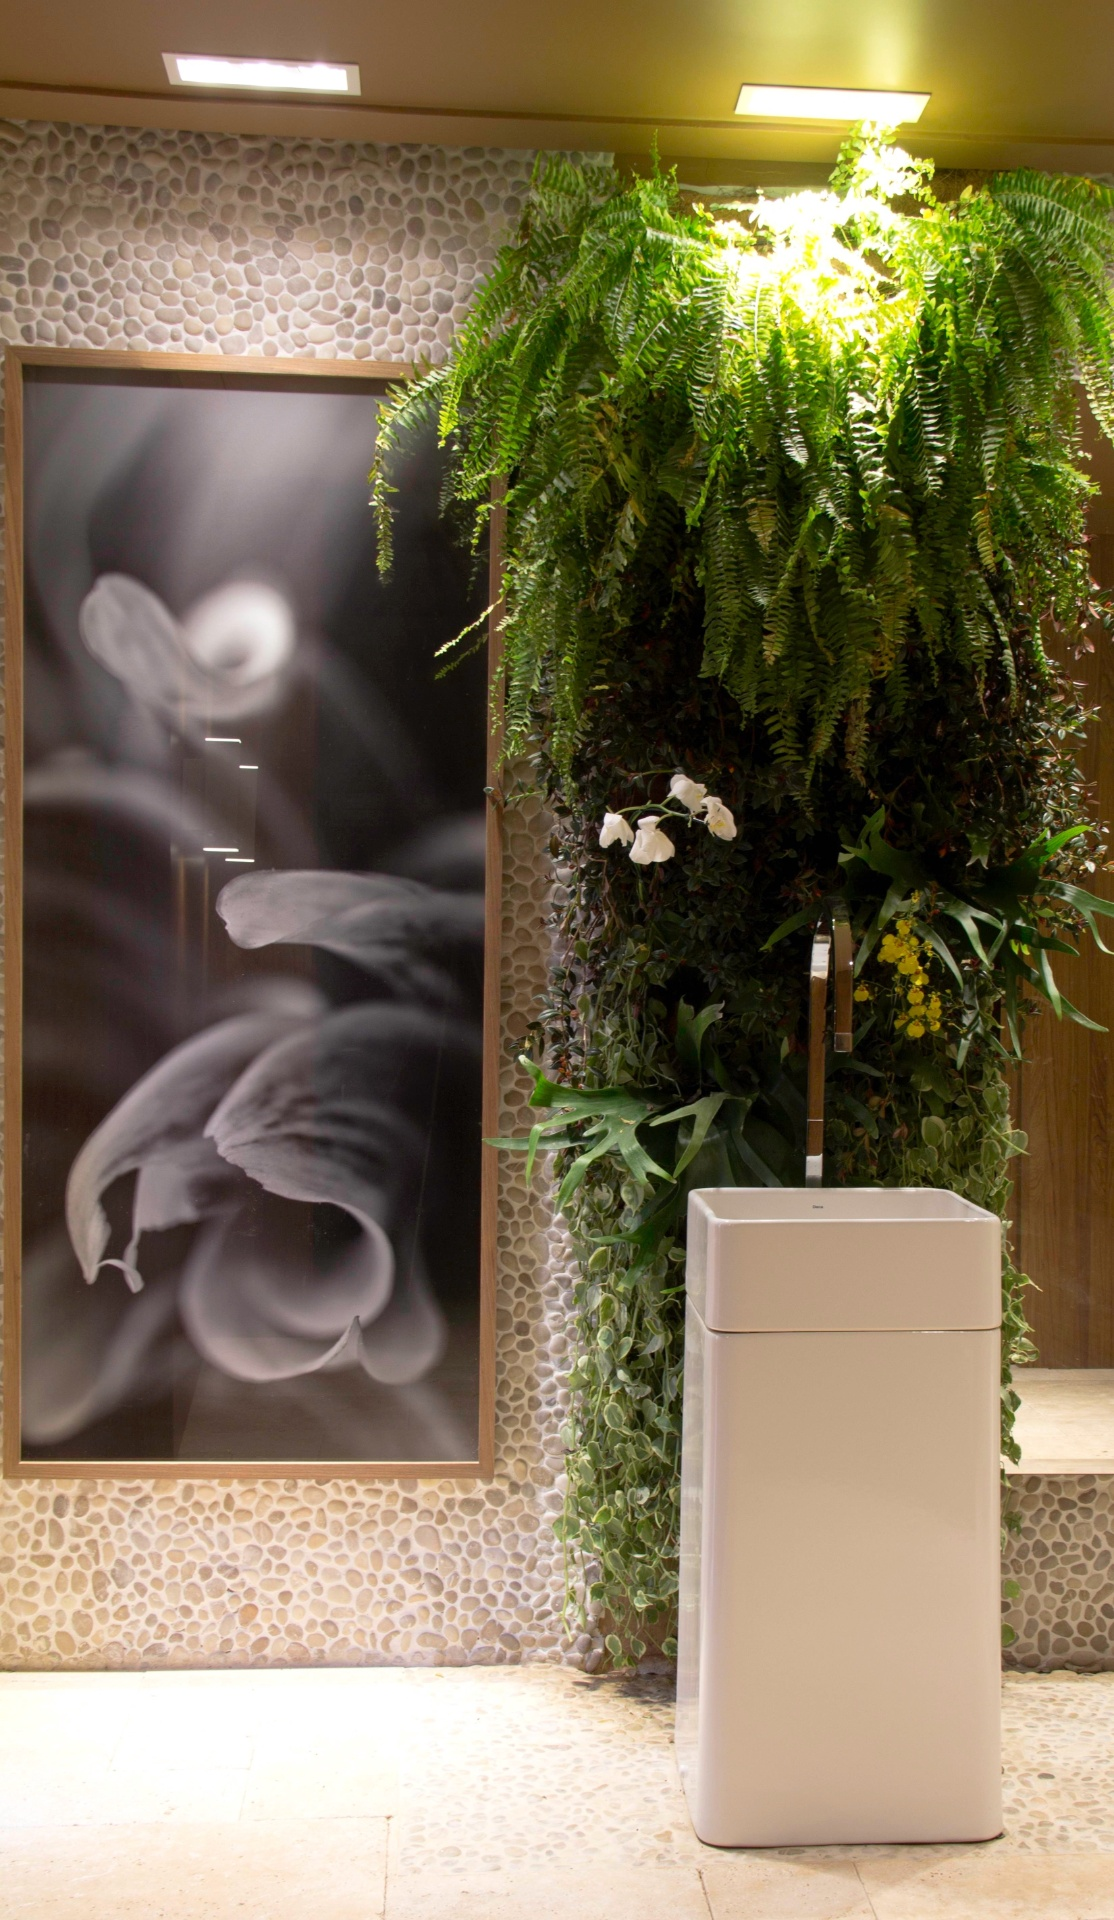 dupla Daniela Lobo e Priscila Iglesias criou o Banheiro Feminino  #4A6113 1114x1920 Aviso Banheiro Em Manutenção